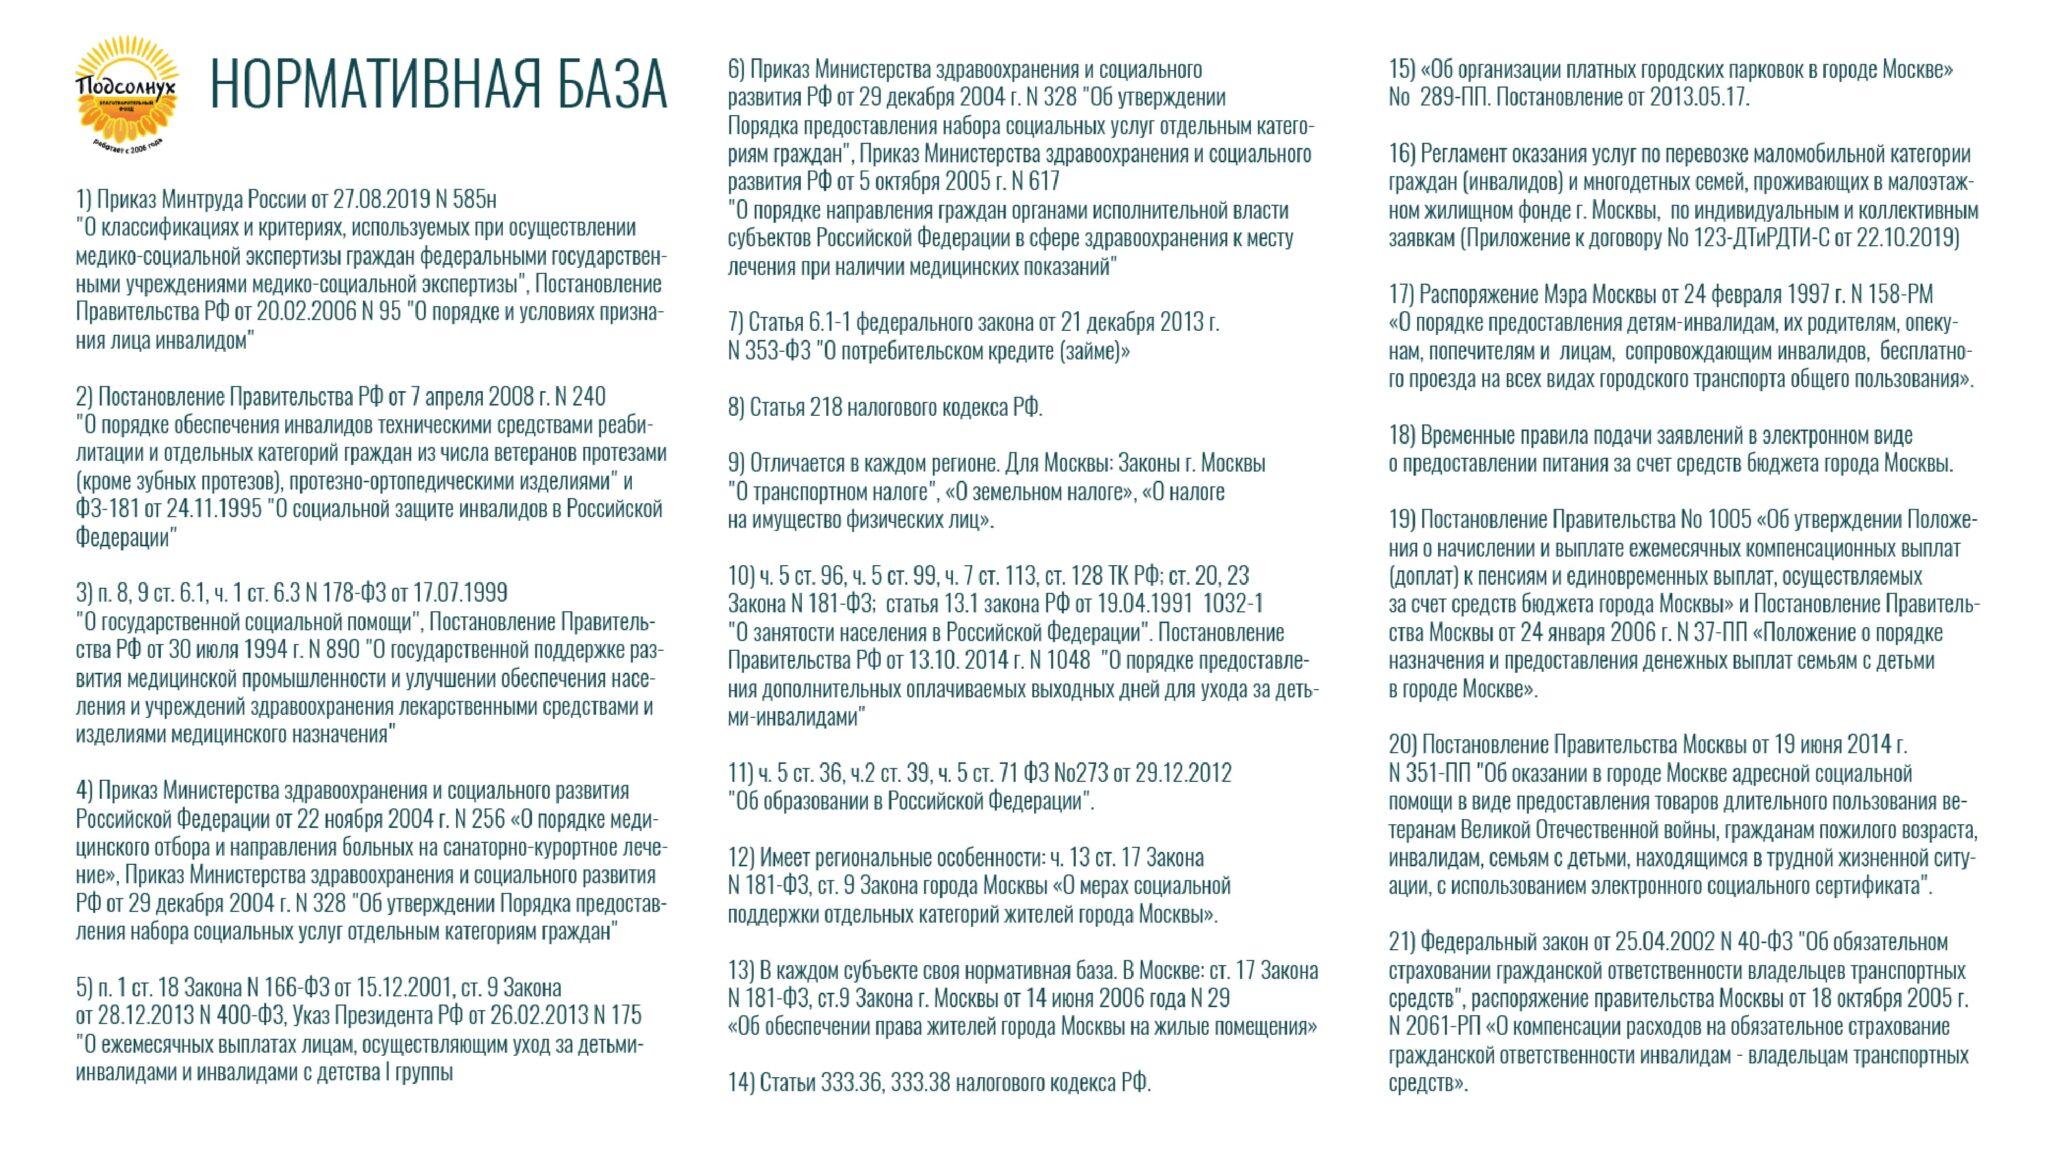 Дорожная карта_page-0023